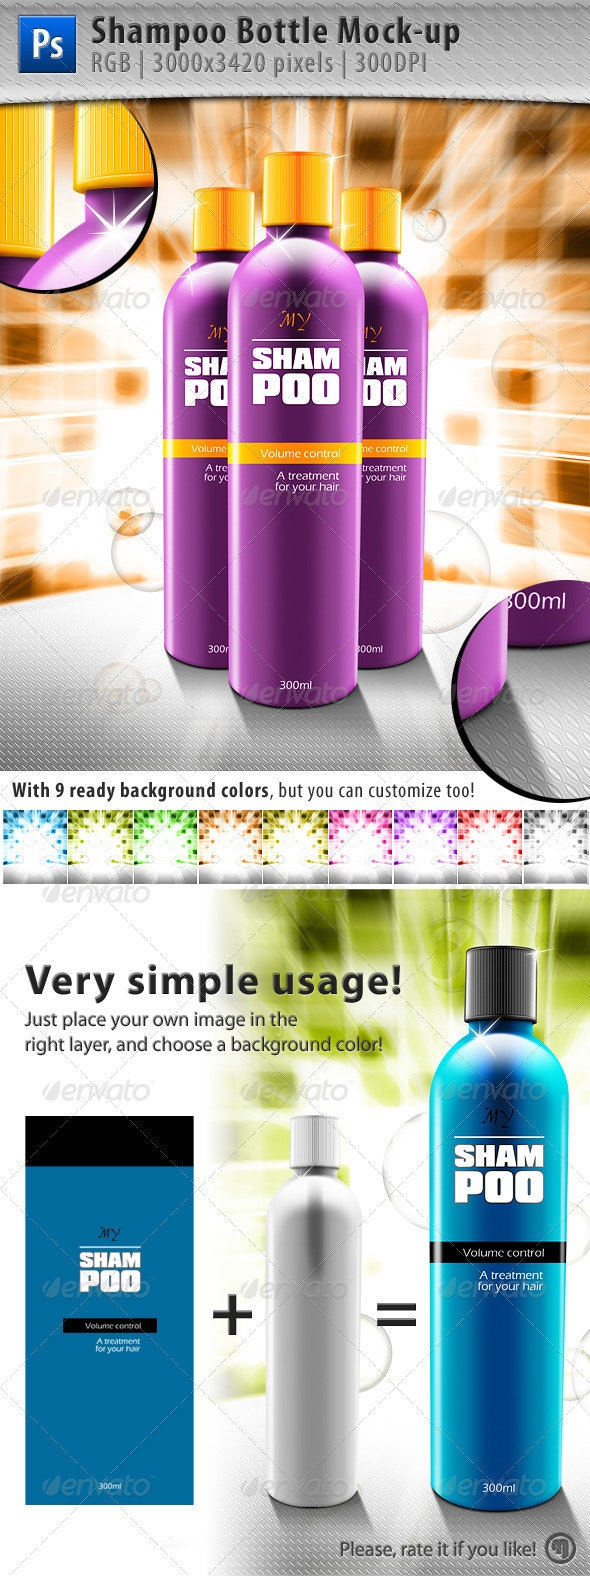 Shampoo Bottle Mock-up - Beauty Packaging